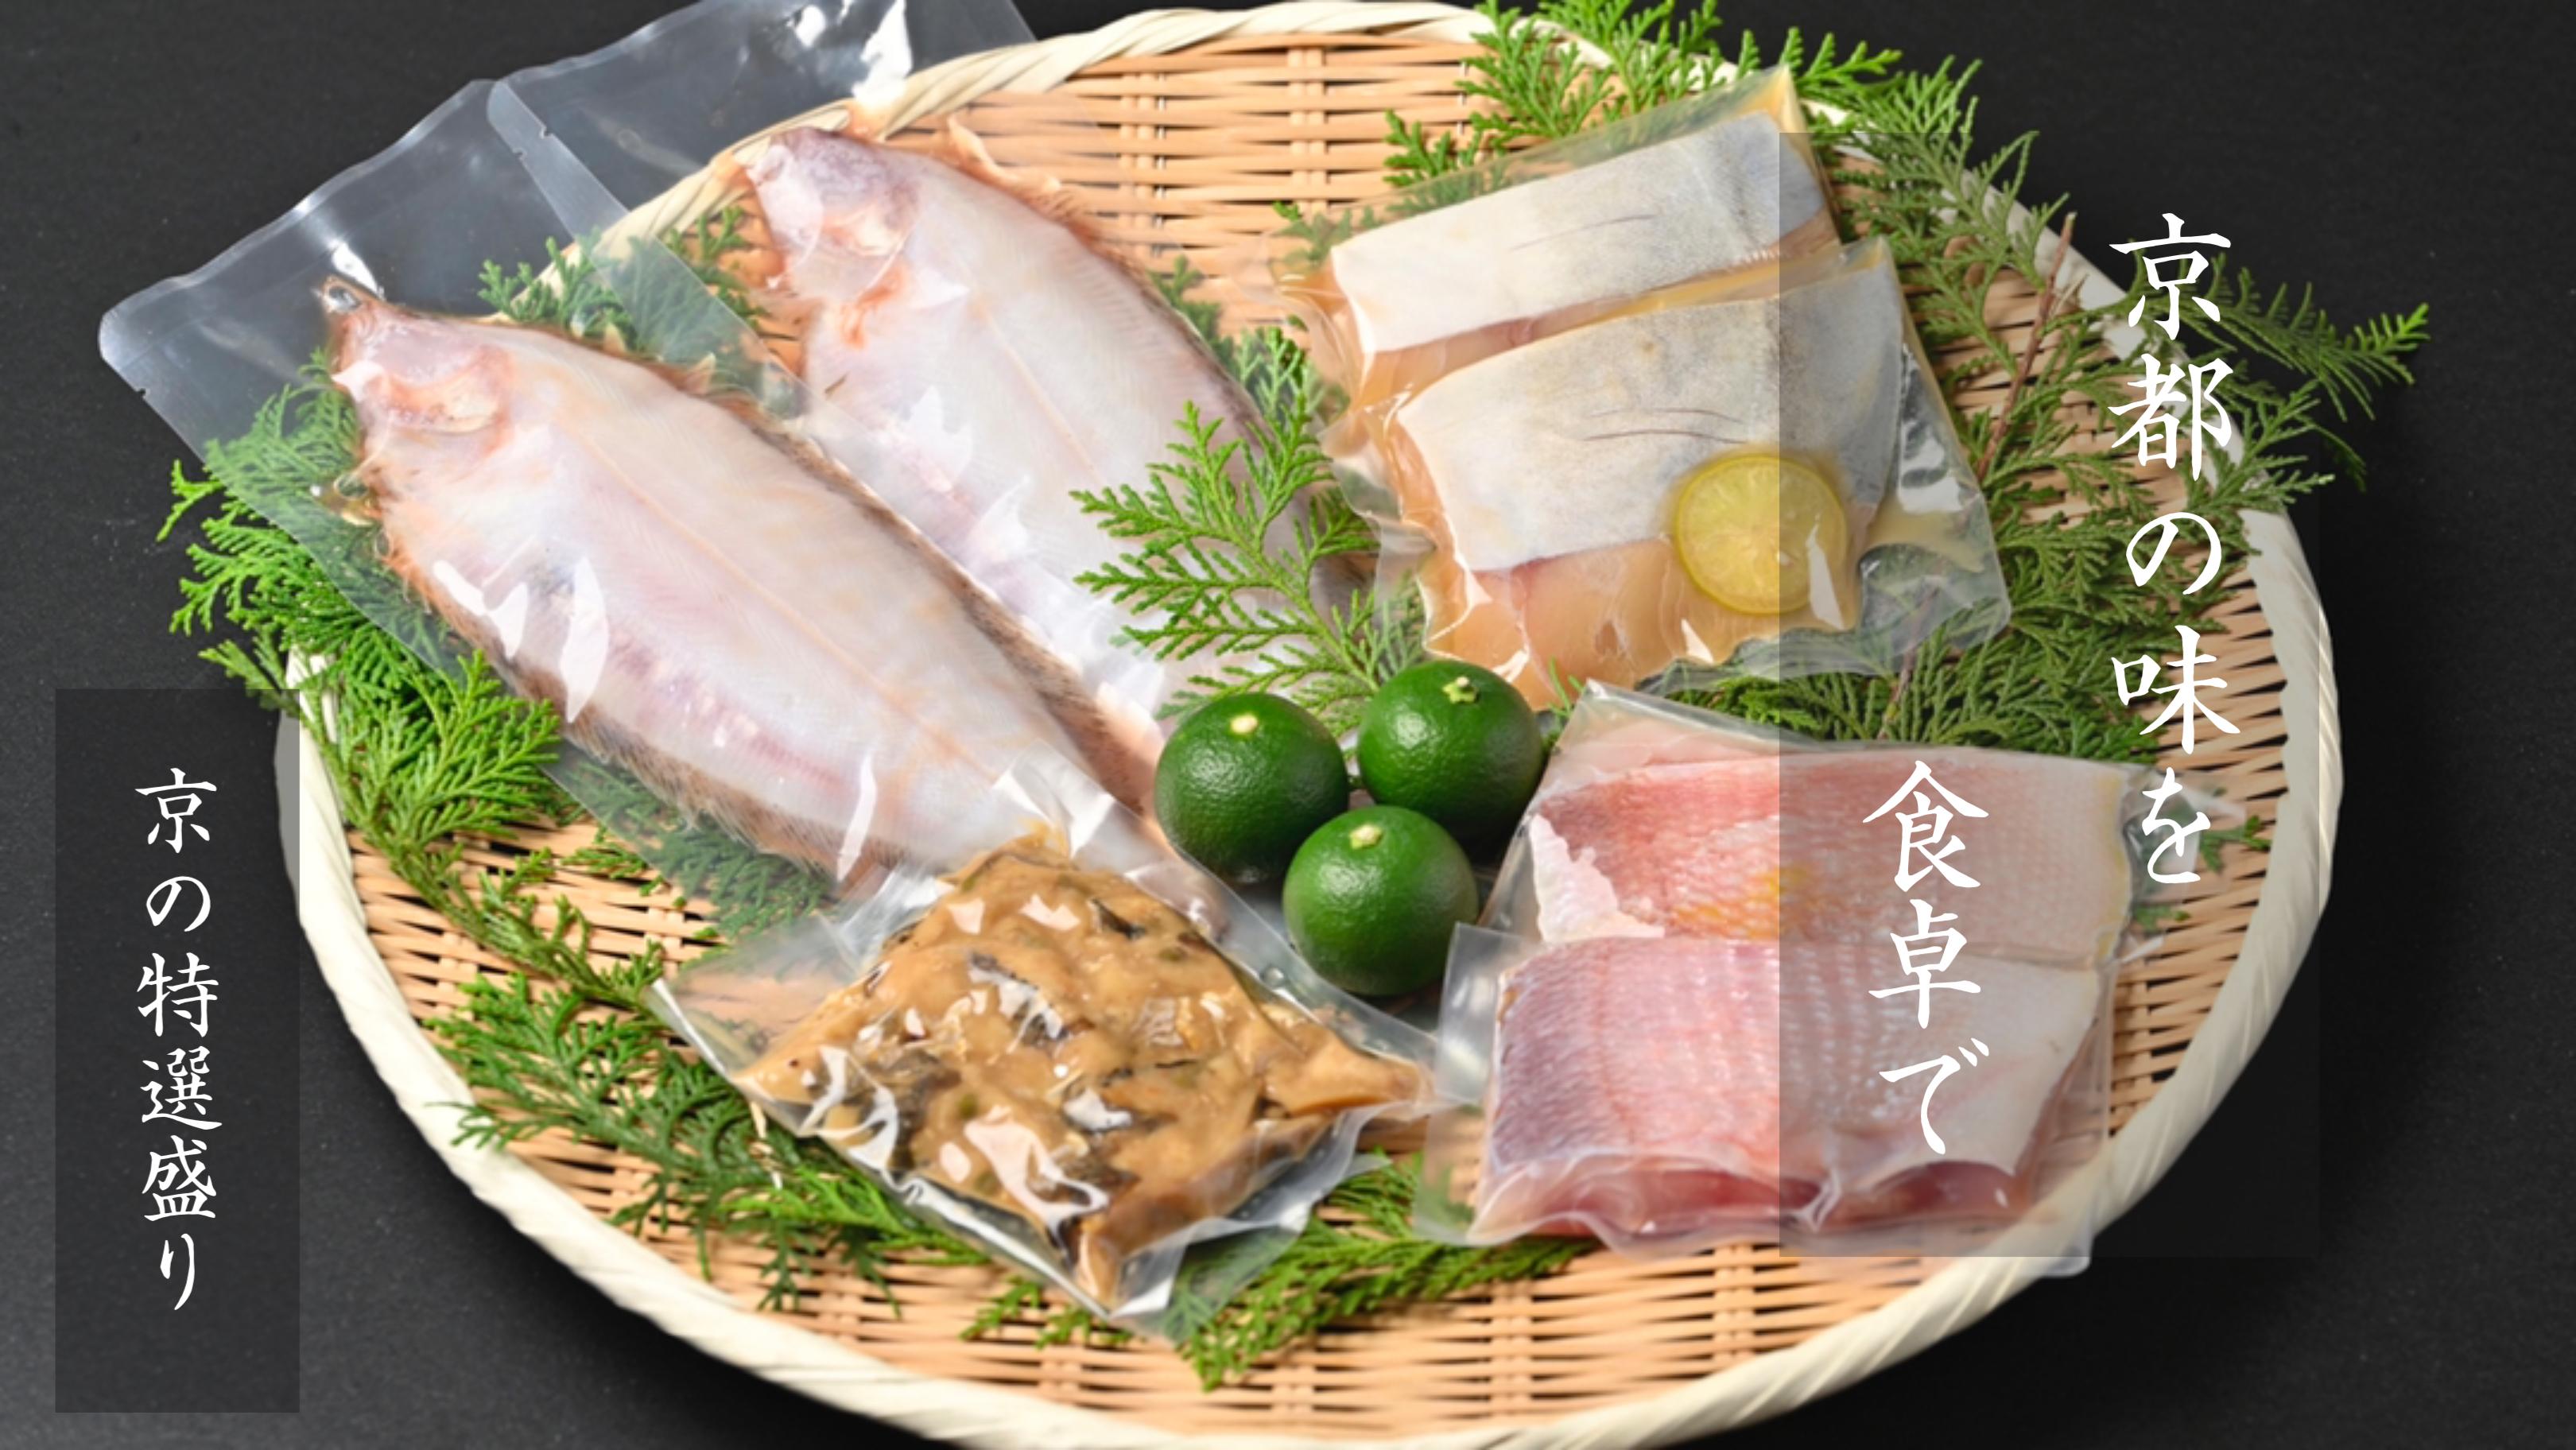 京都の食を彩る特選魚の盛り合わせです。祇園の料理店にお届けしている食材を食卓にお届けします。